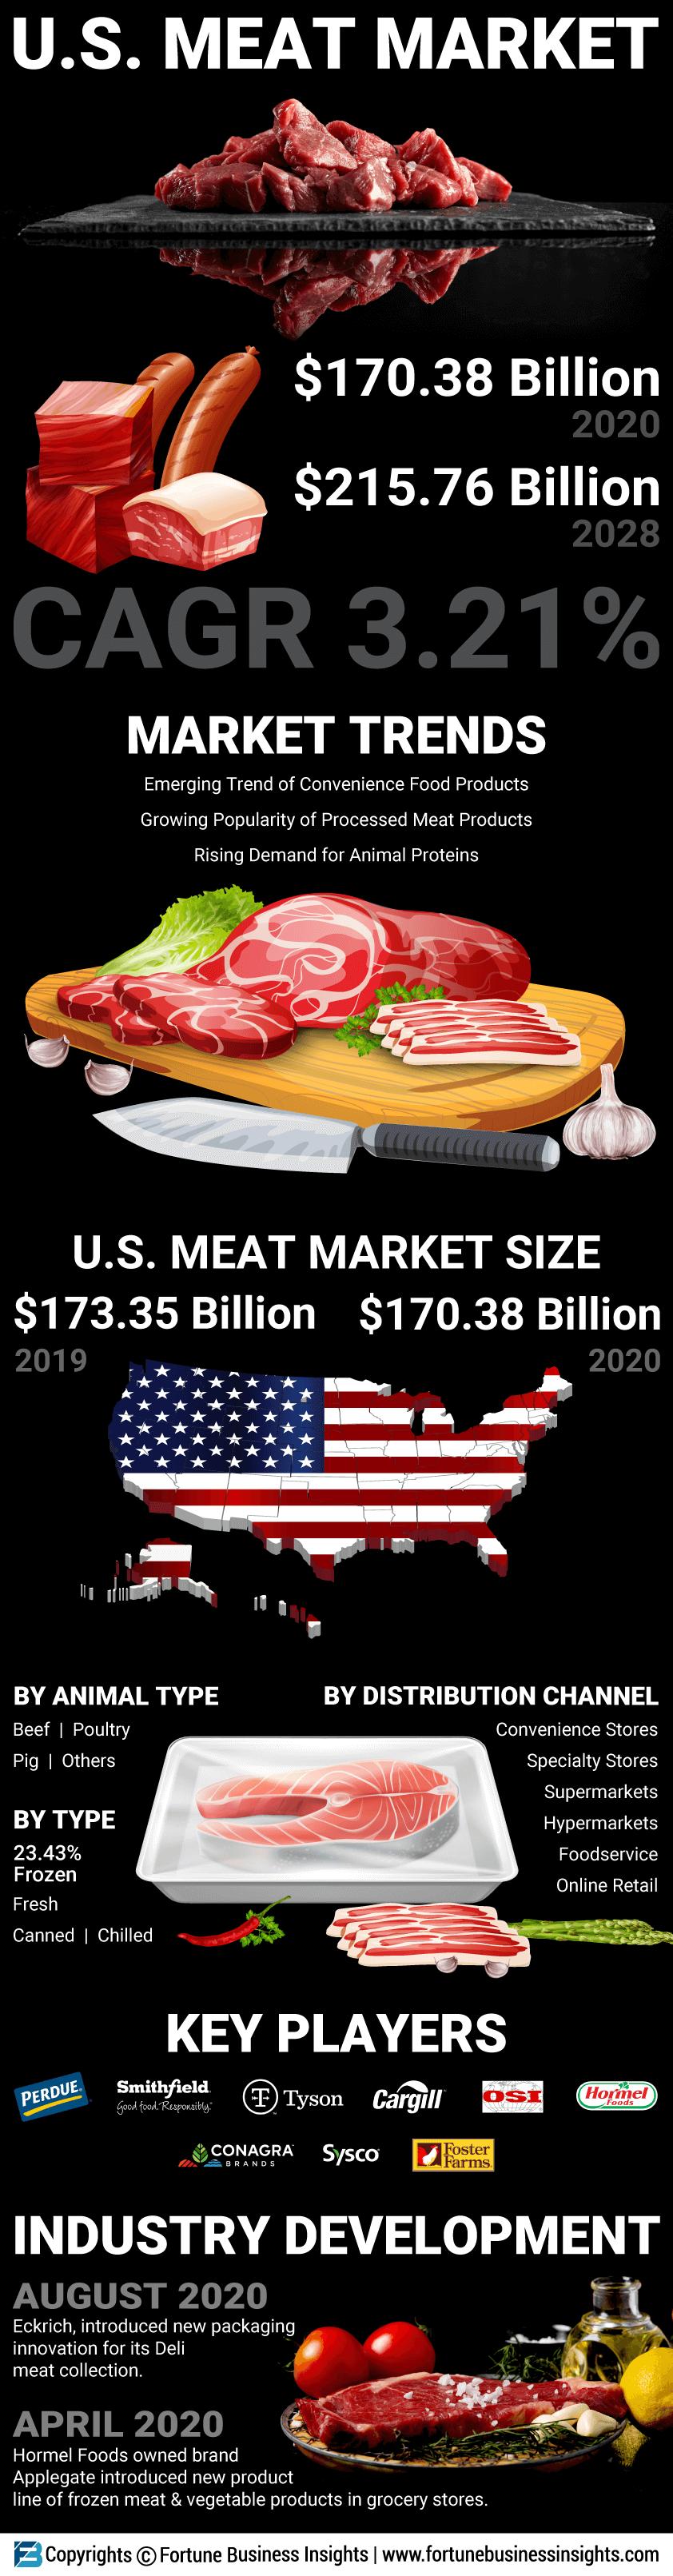 U.S. Meat Market